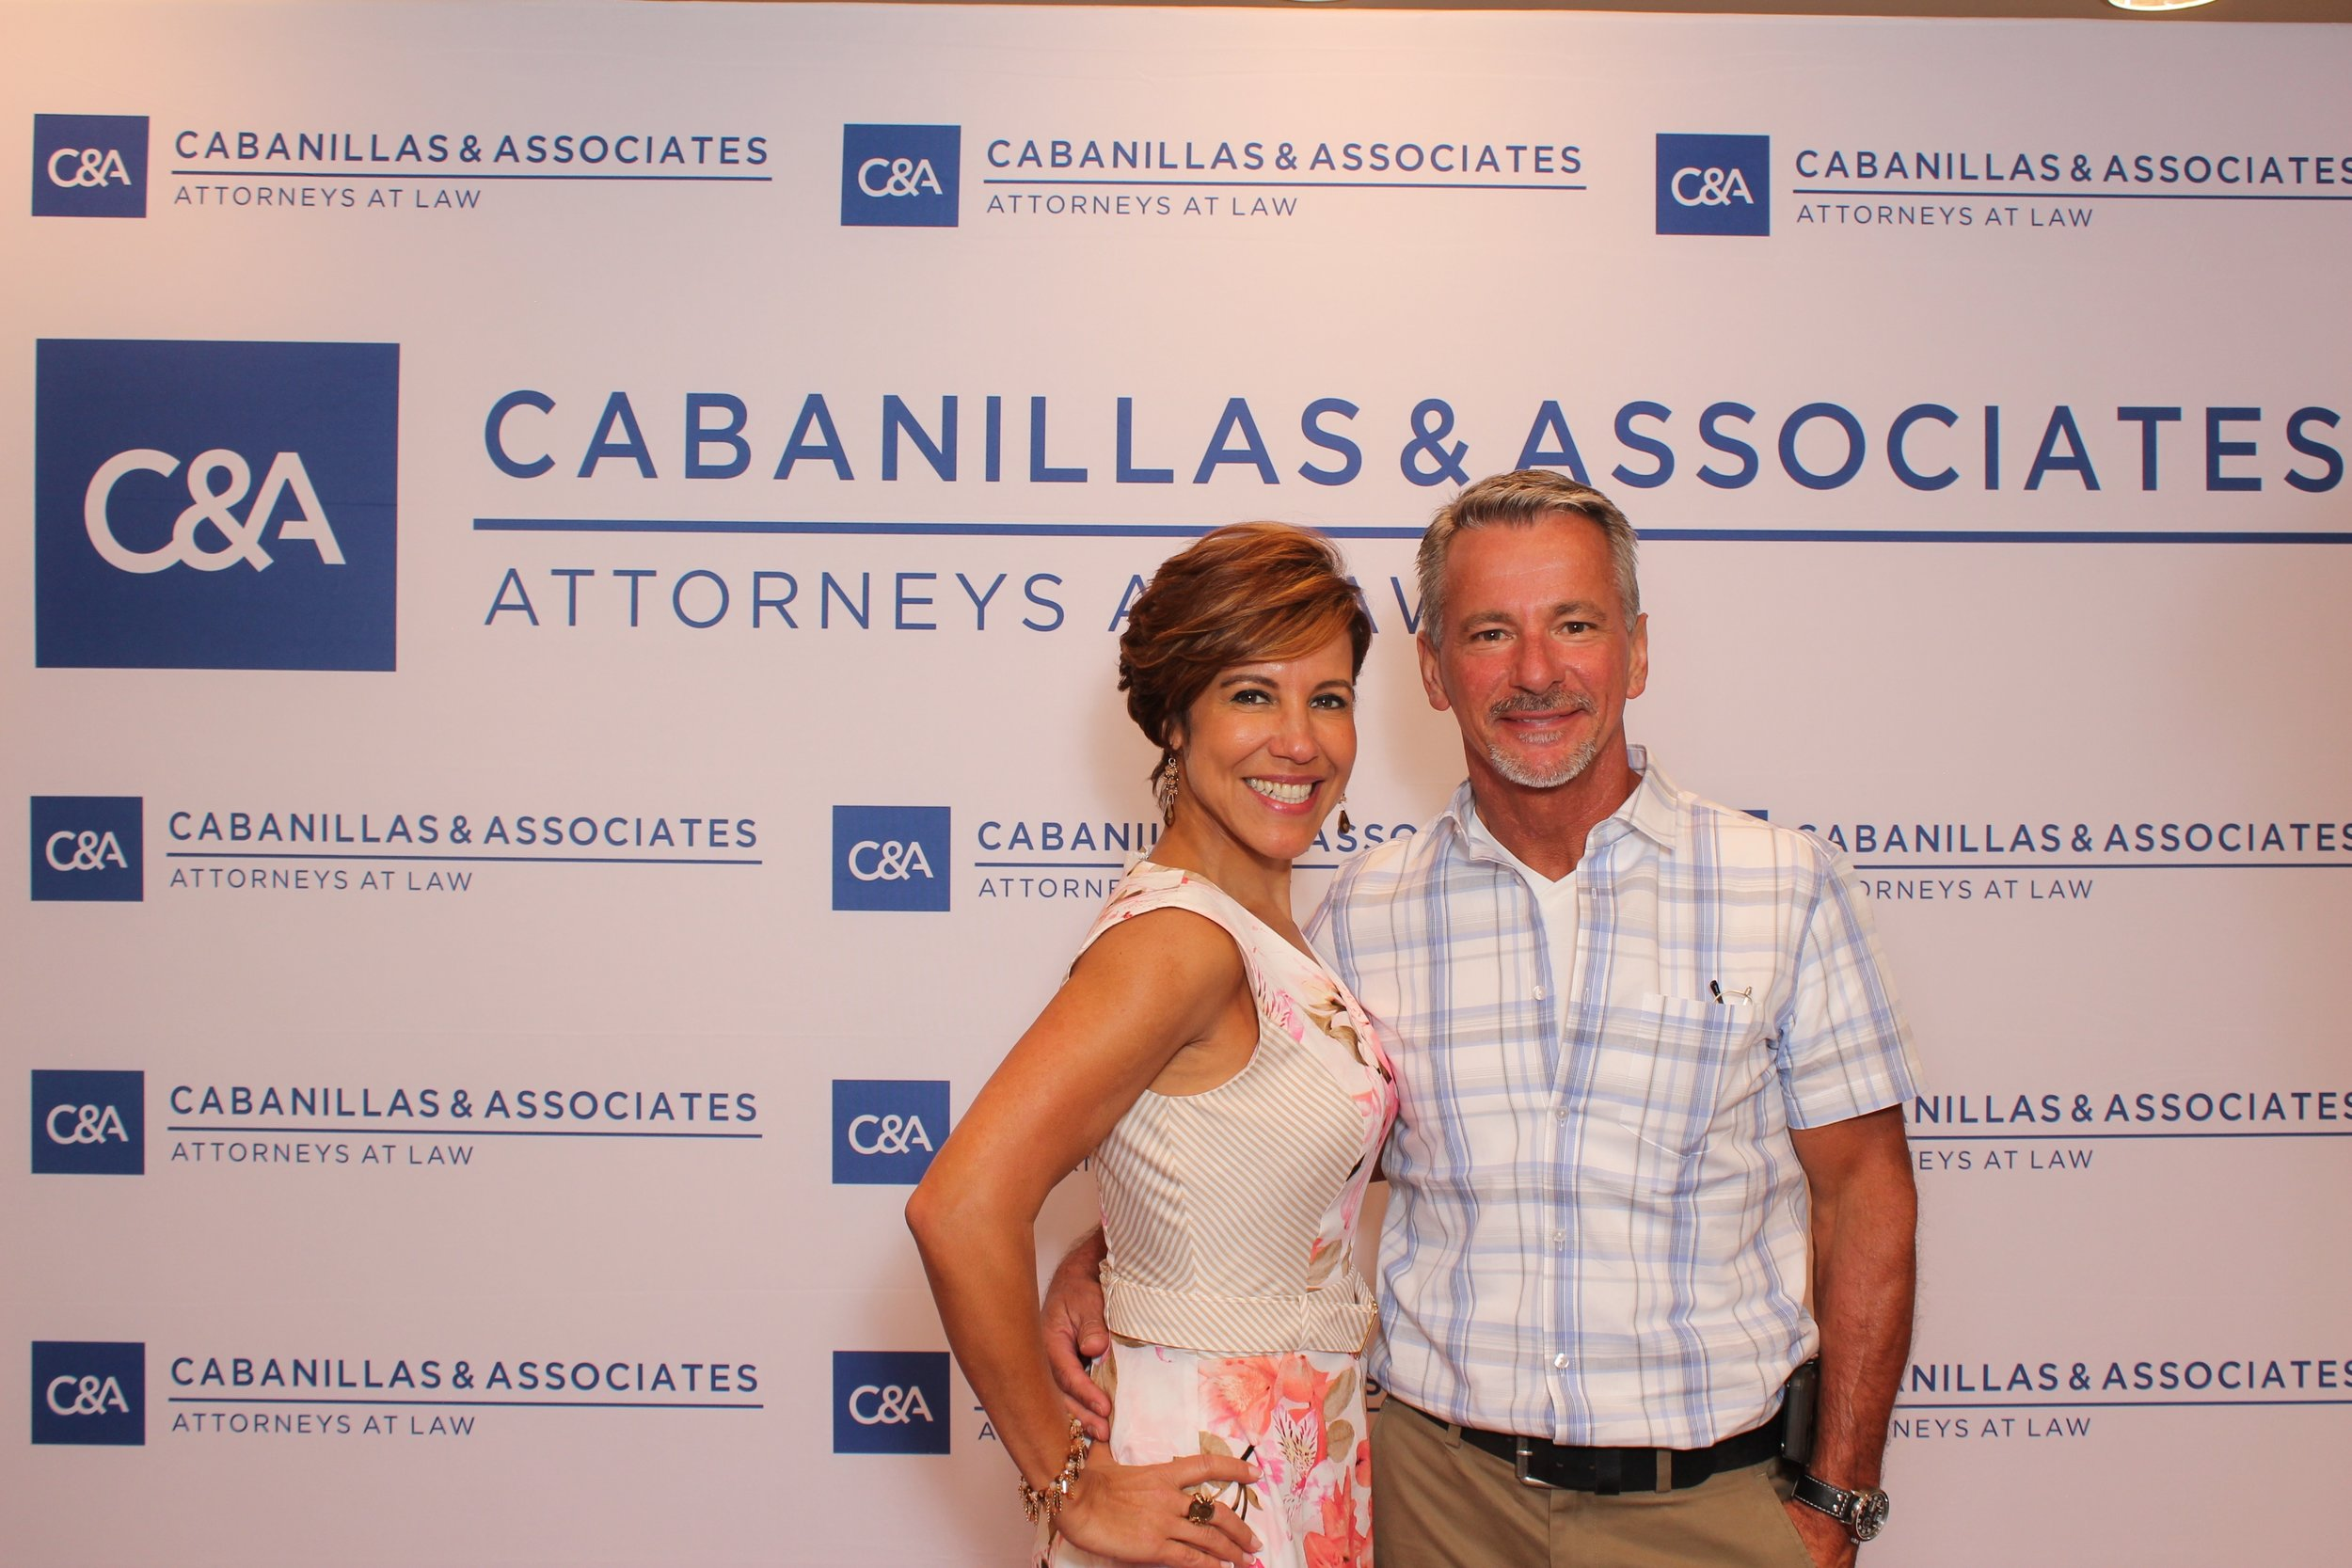 Cabanillas2018_2018-06-14_20-42-04.jpg